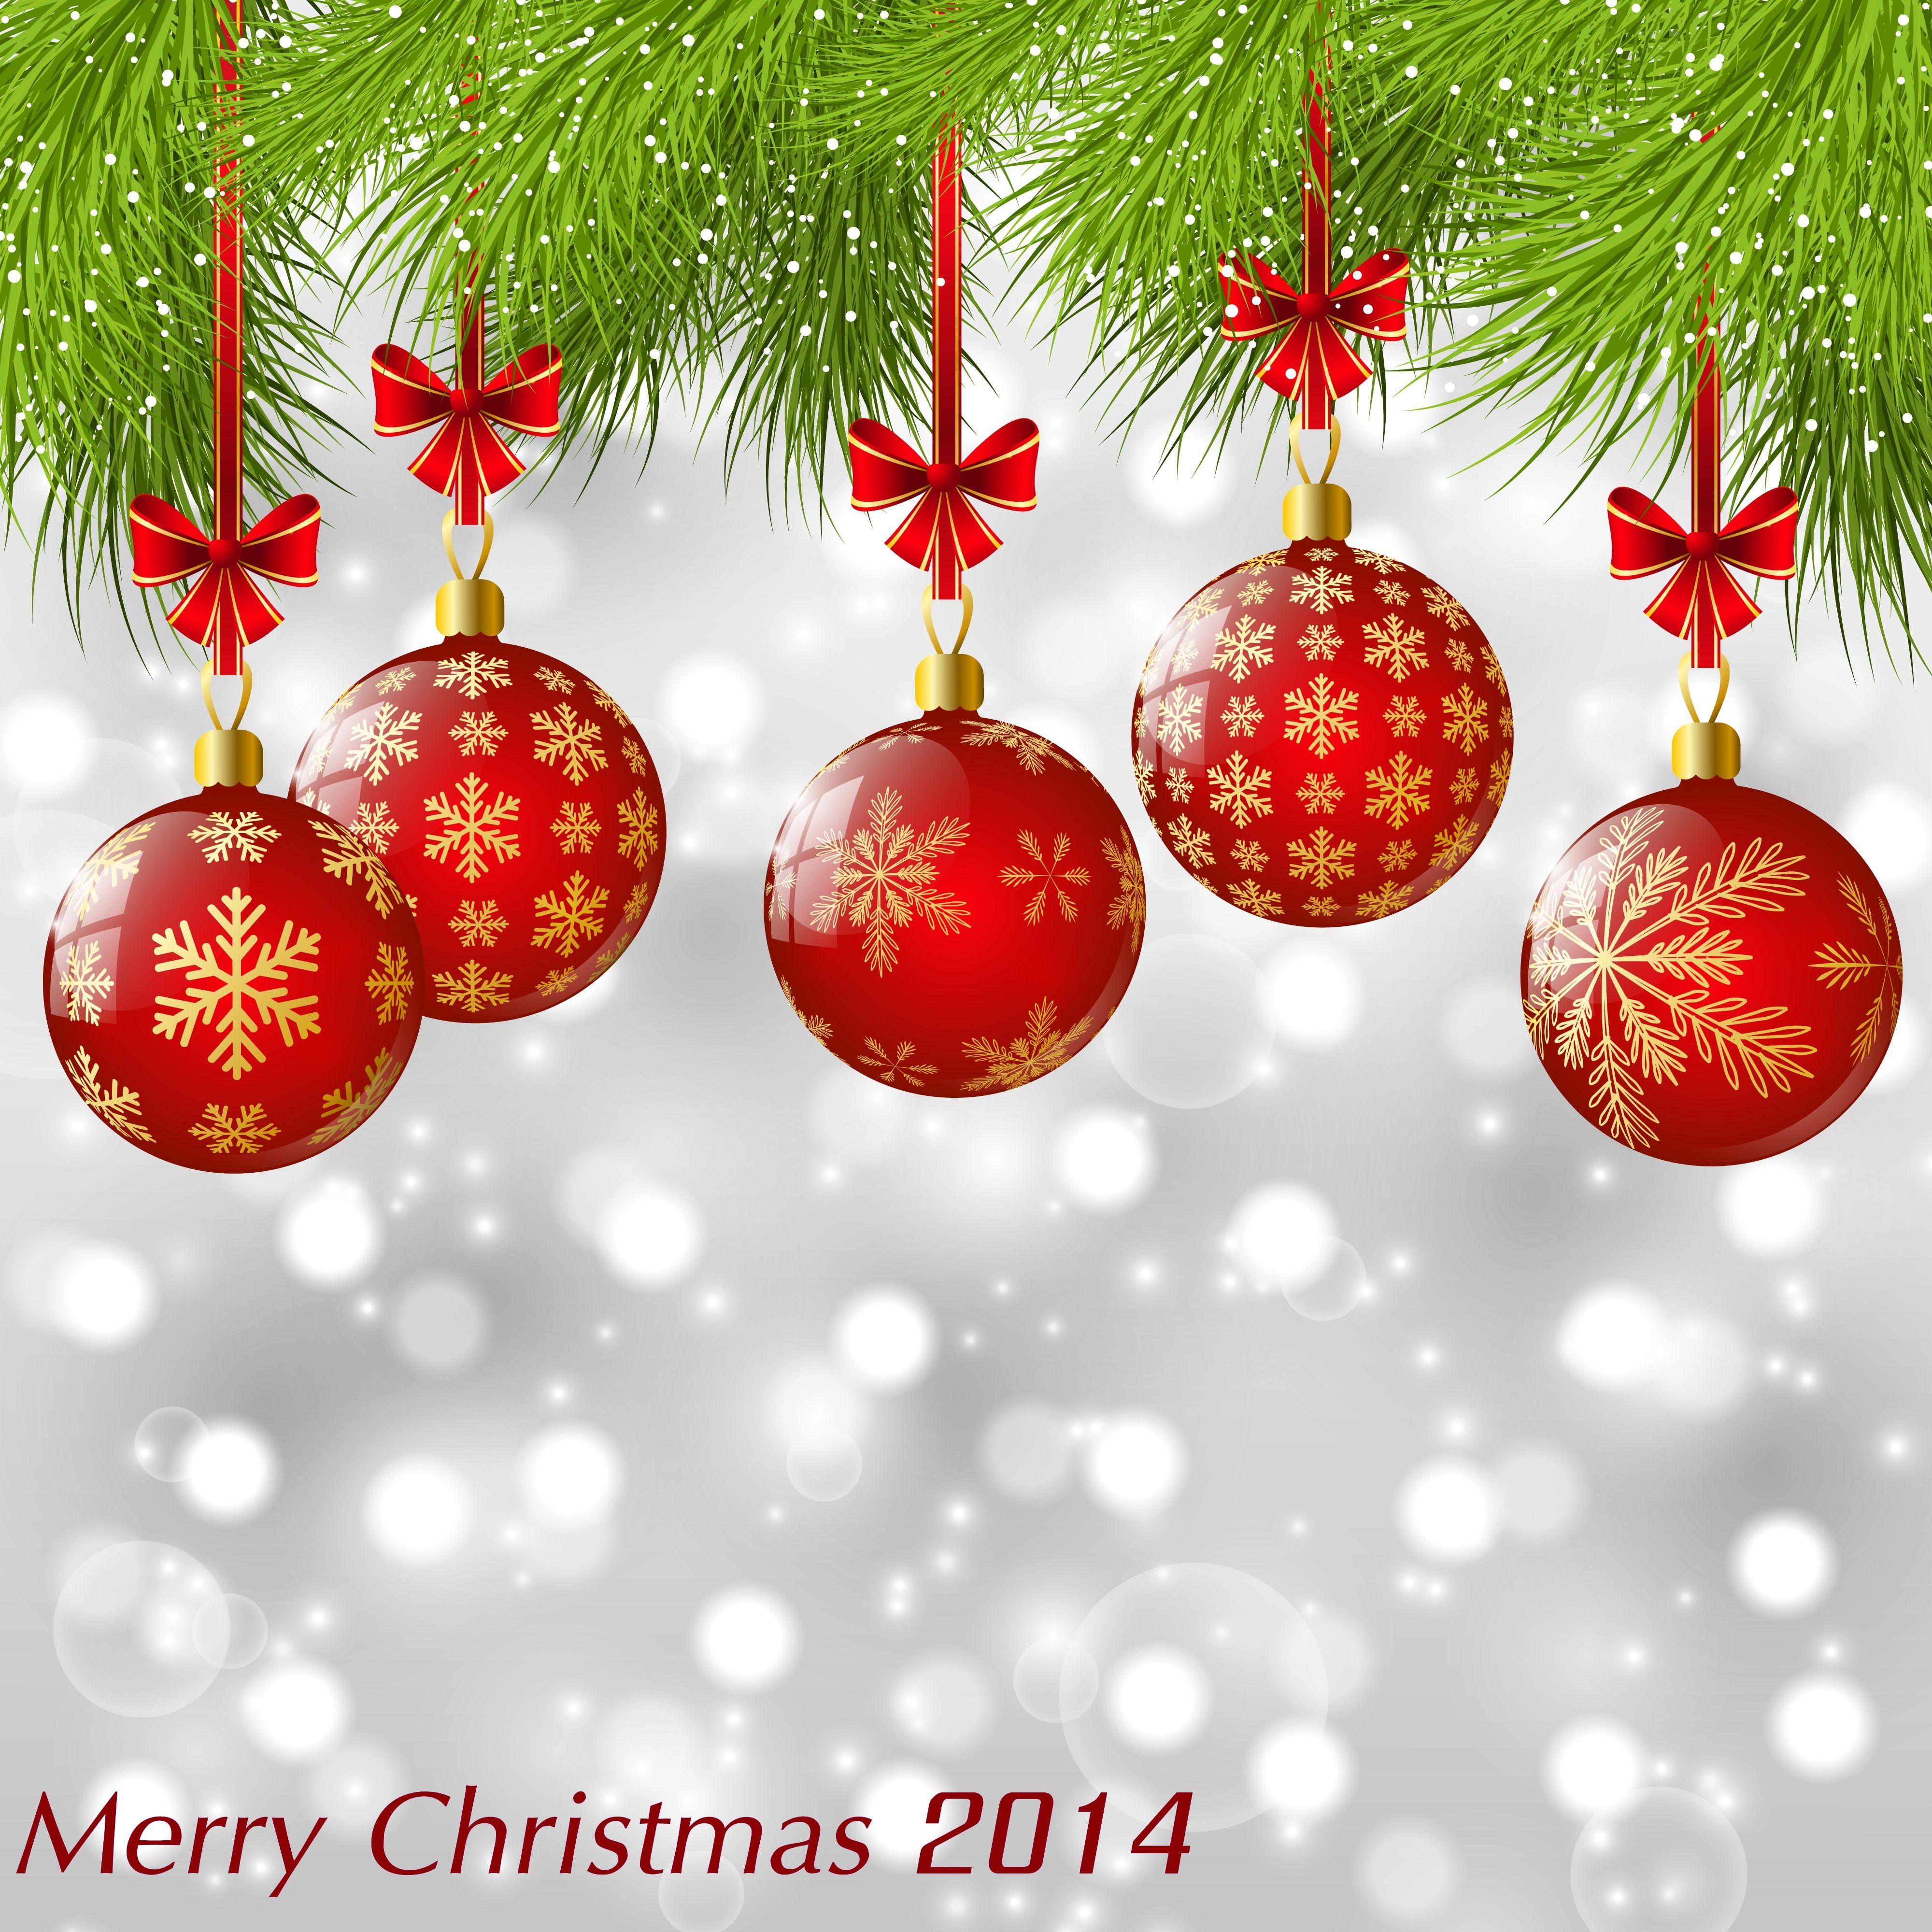 Merry_Christmas_2014_V_18-4.jpg (4000×4000)